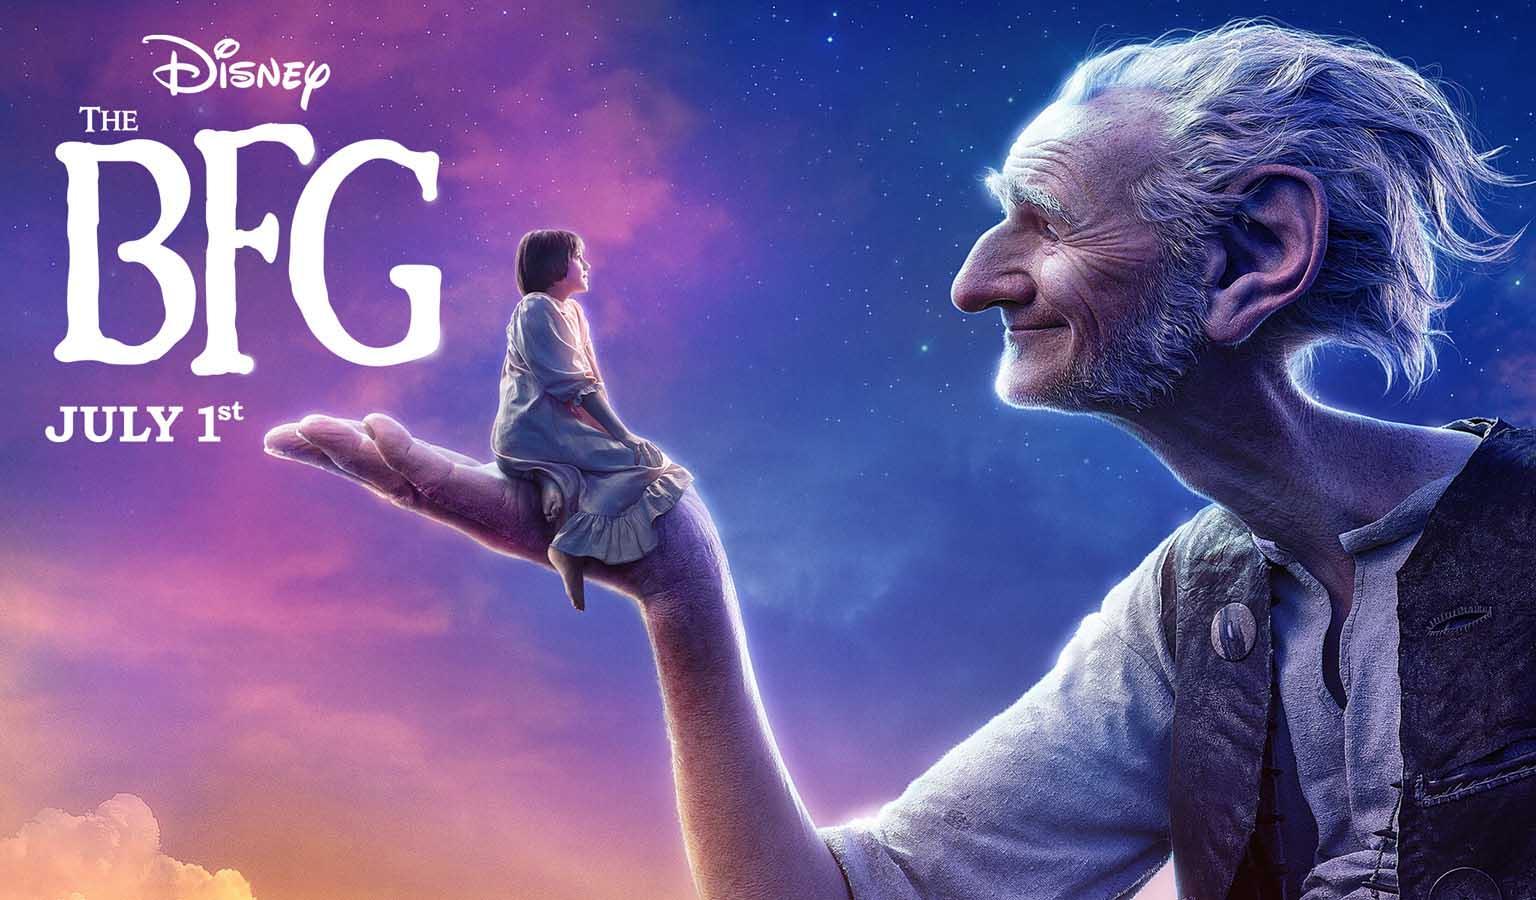 The-BFG-mvoie-2016-A-Steven-Spielberg-Film